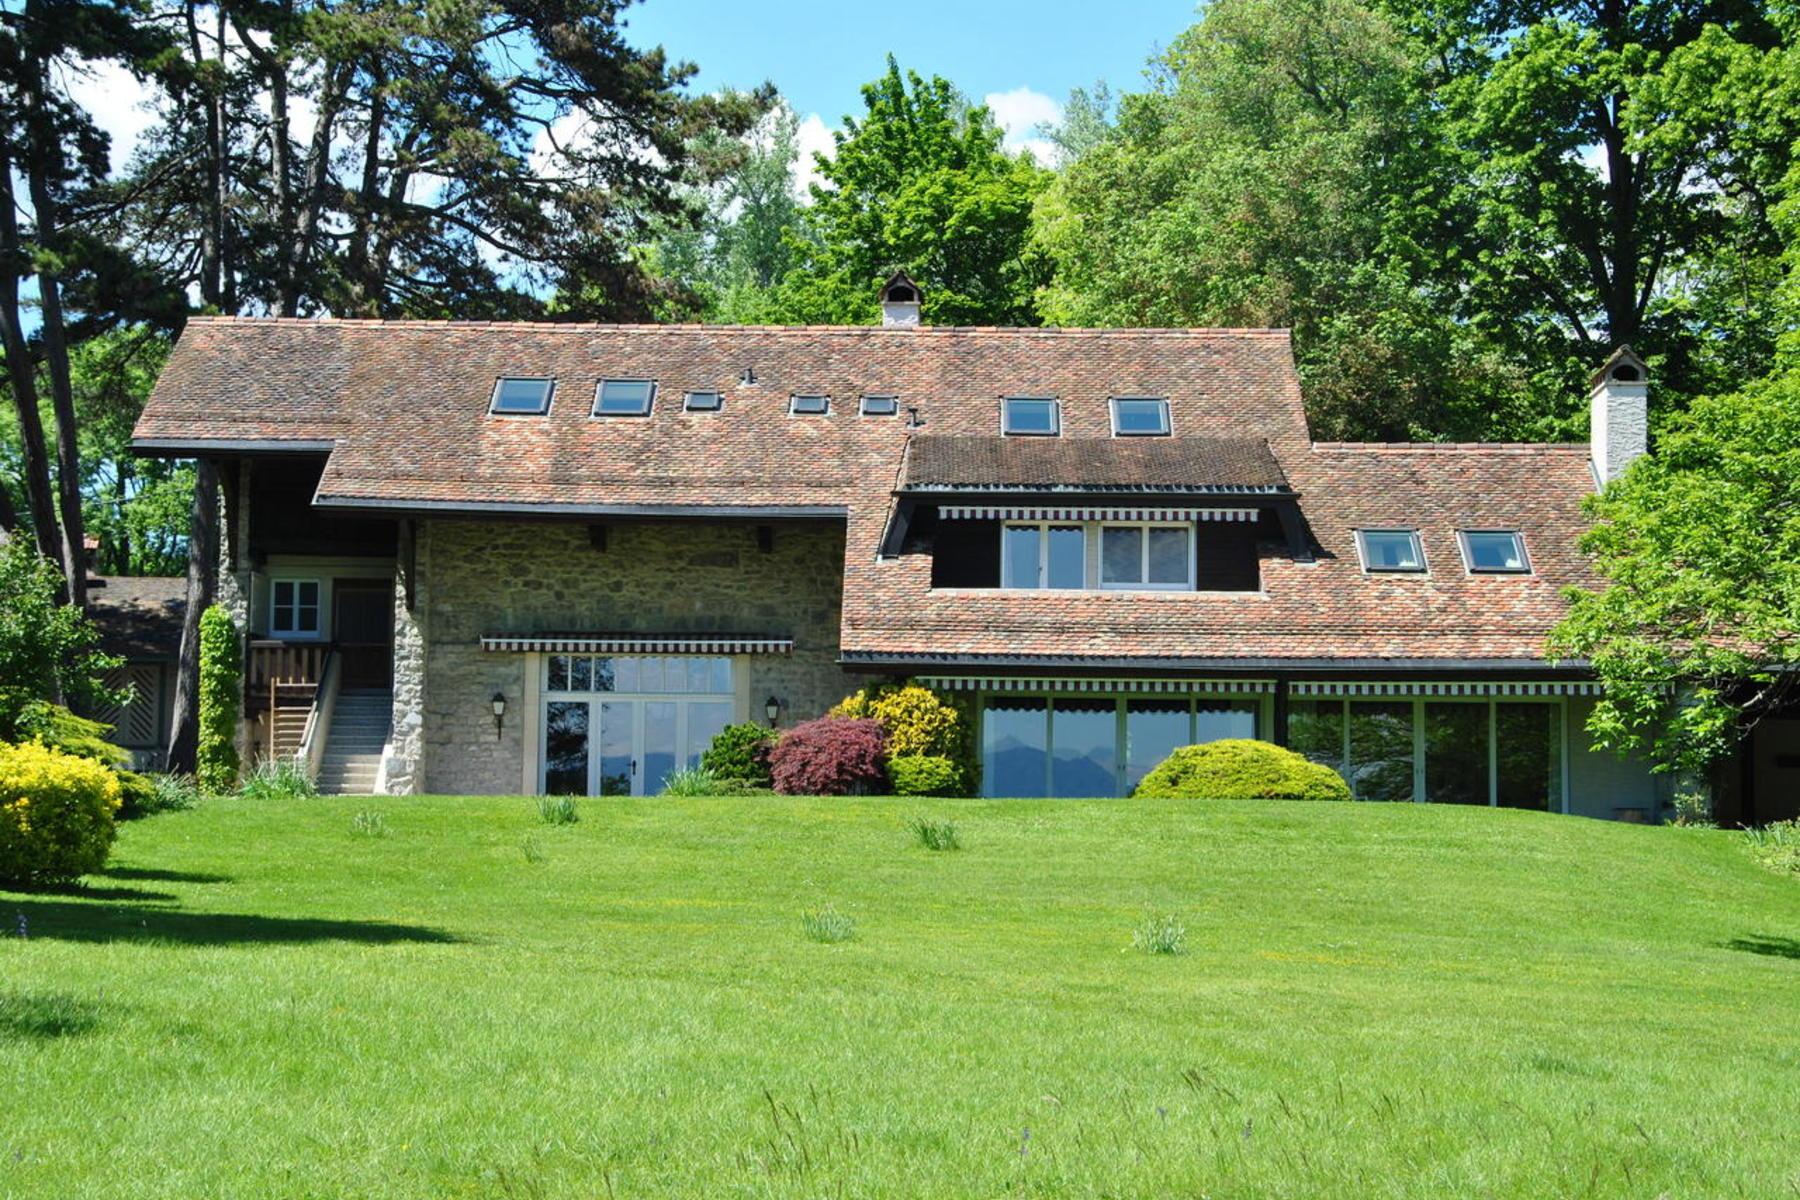 Casa Unifamiliar por un Venta en For sale, Single family house, 1298 Céligny, Réf 7388 Other Switzerland, Otras Áreas En Suiza, 1298 Suiza